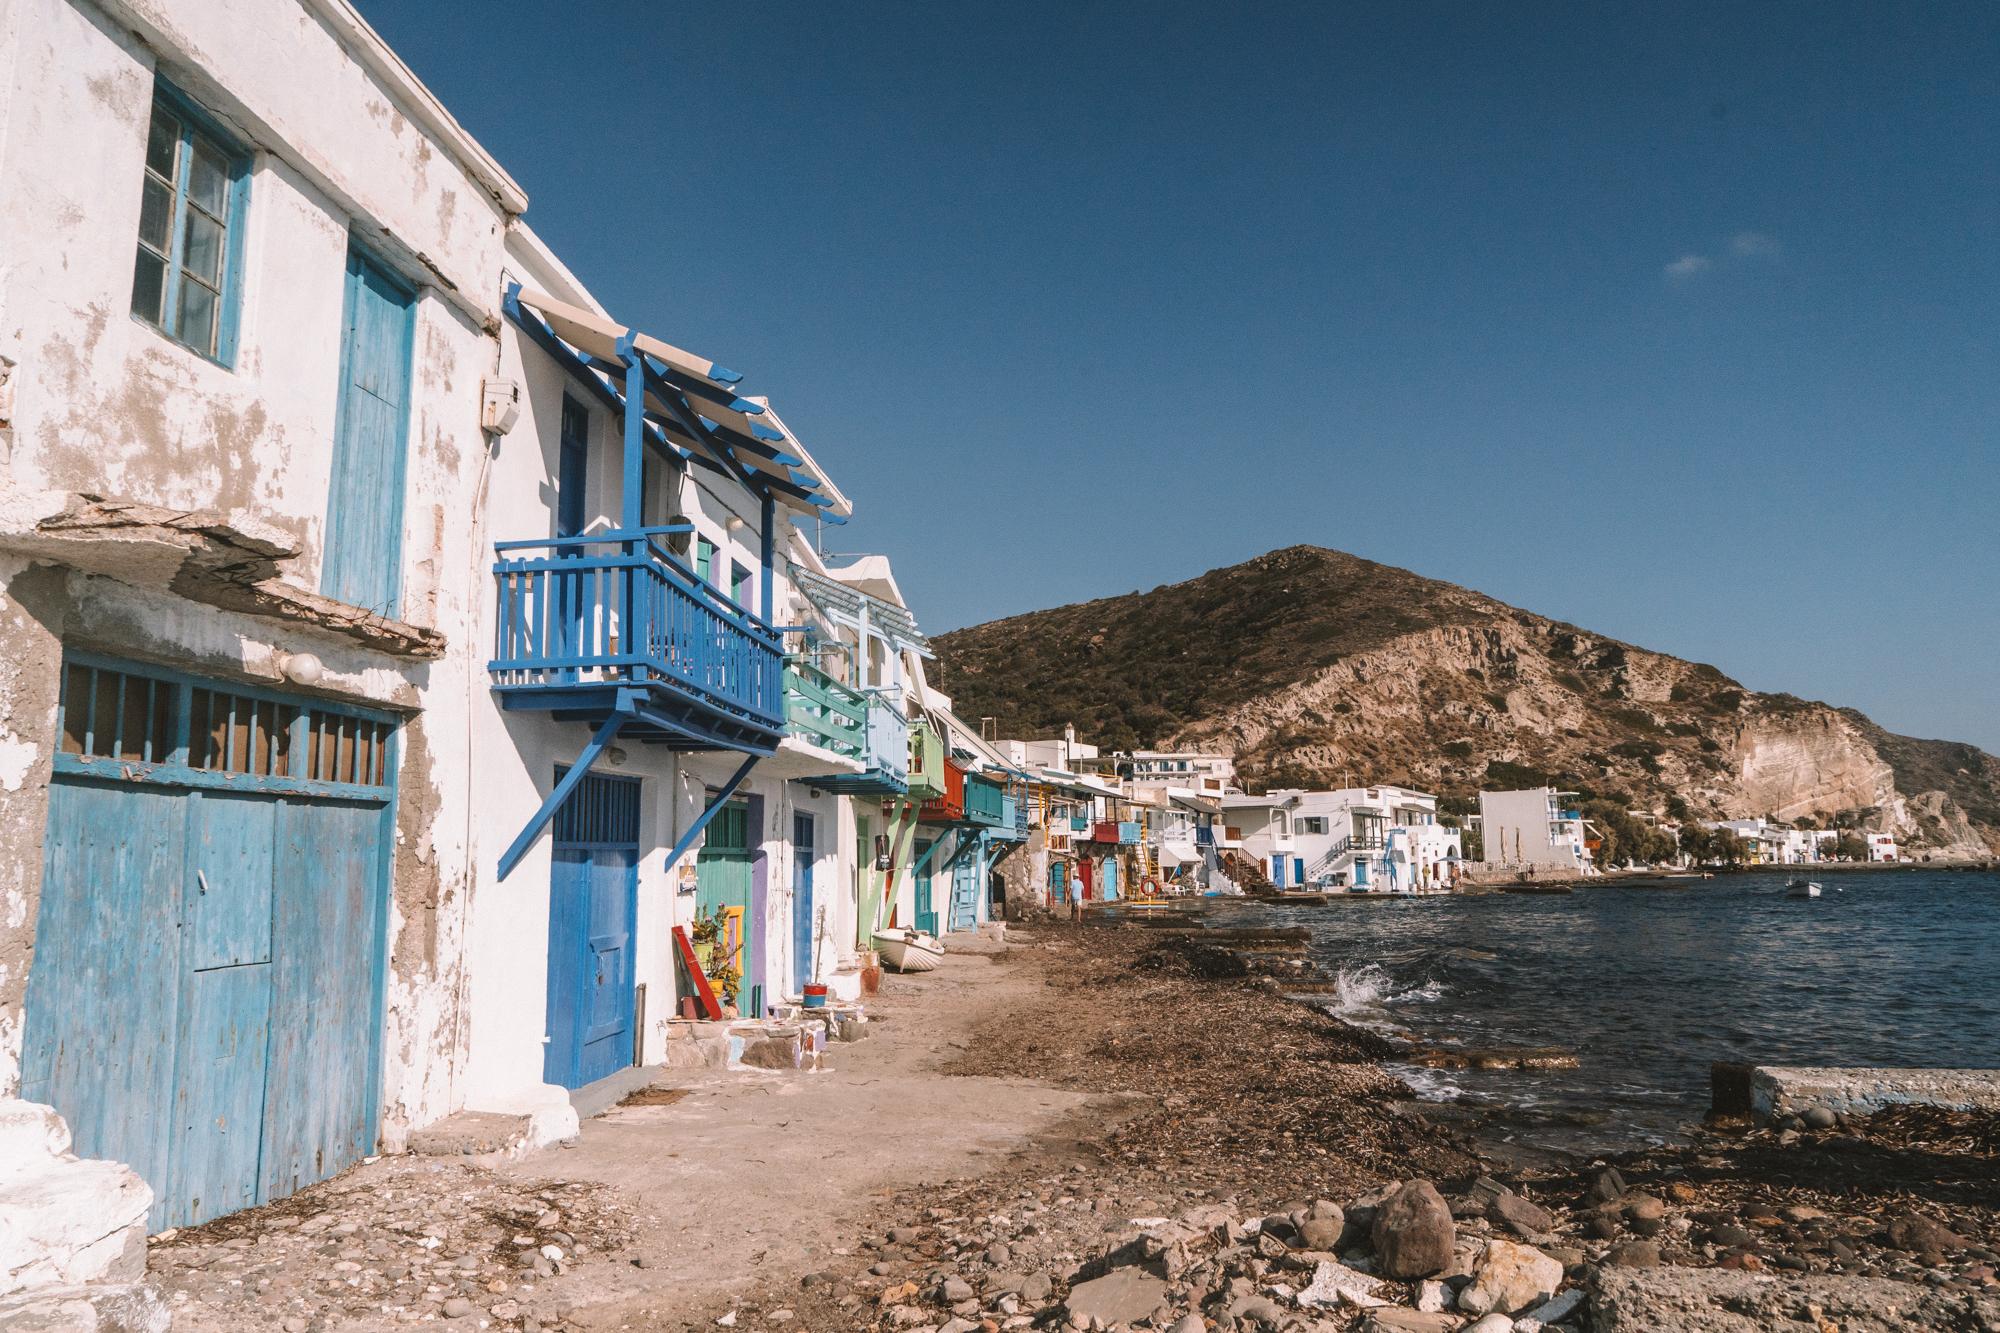 希腊米洛斯的Klima渔村,海边一排排五颜六色的捕鱼屋